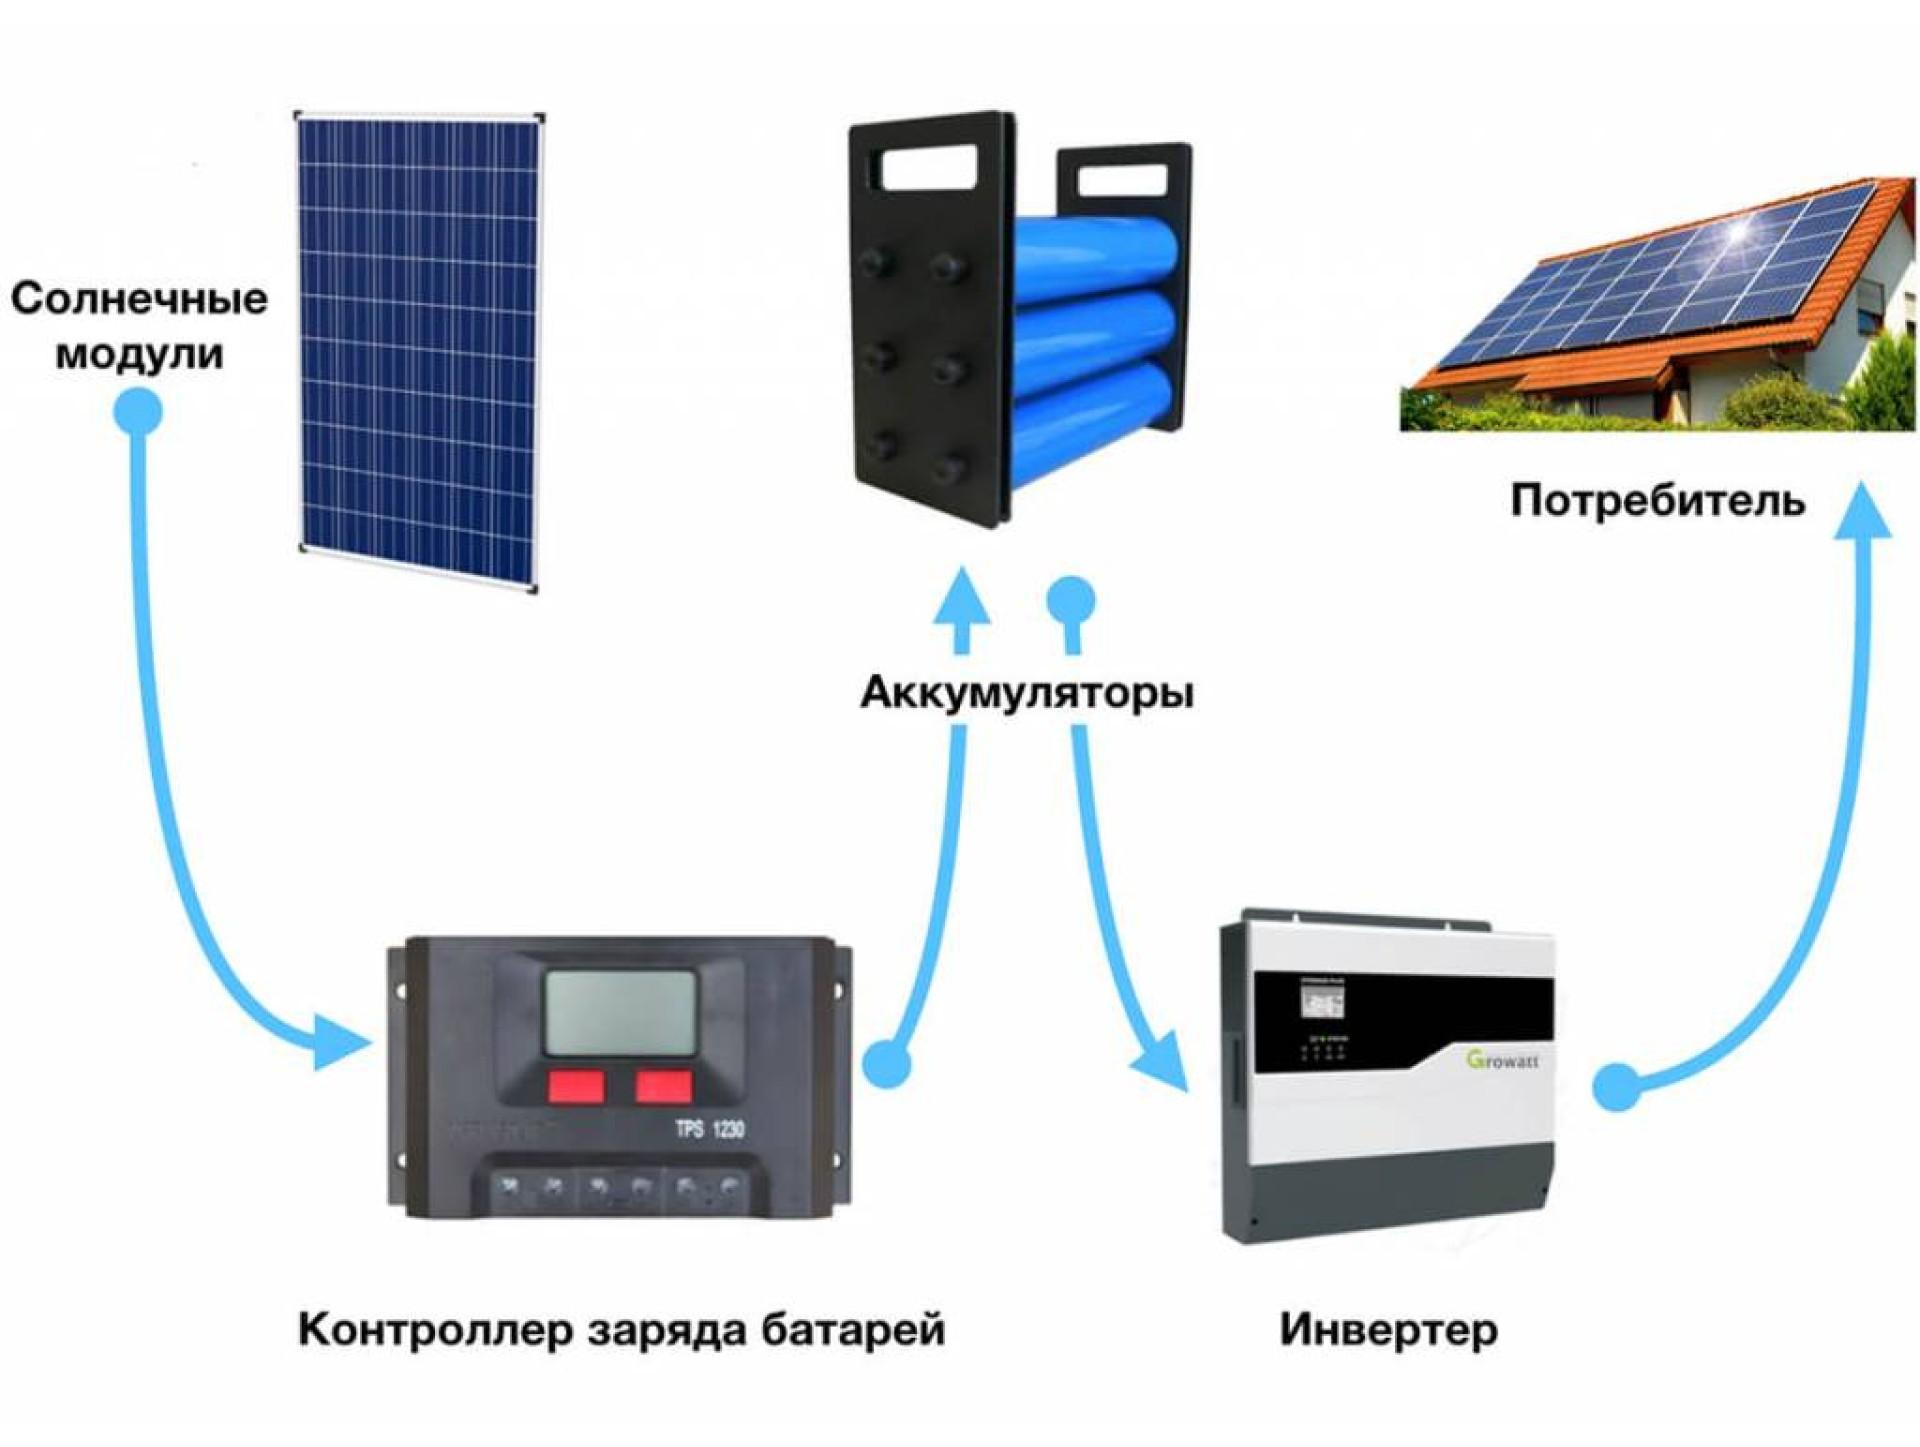 Критерии выбора АКБ для солнечной электростанции